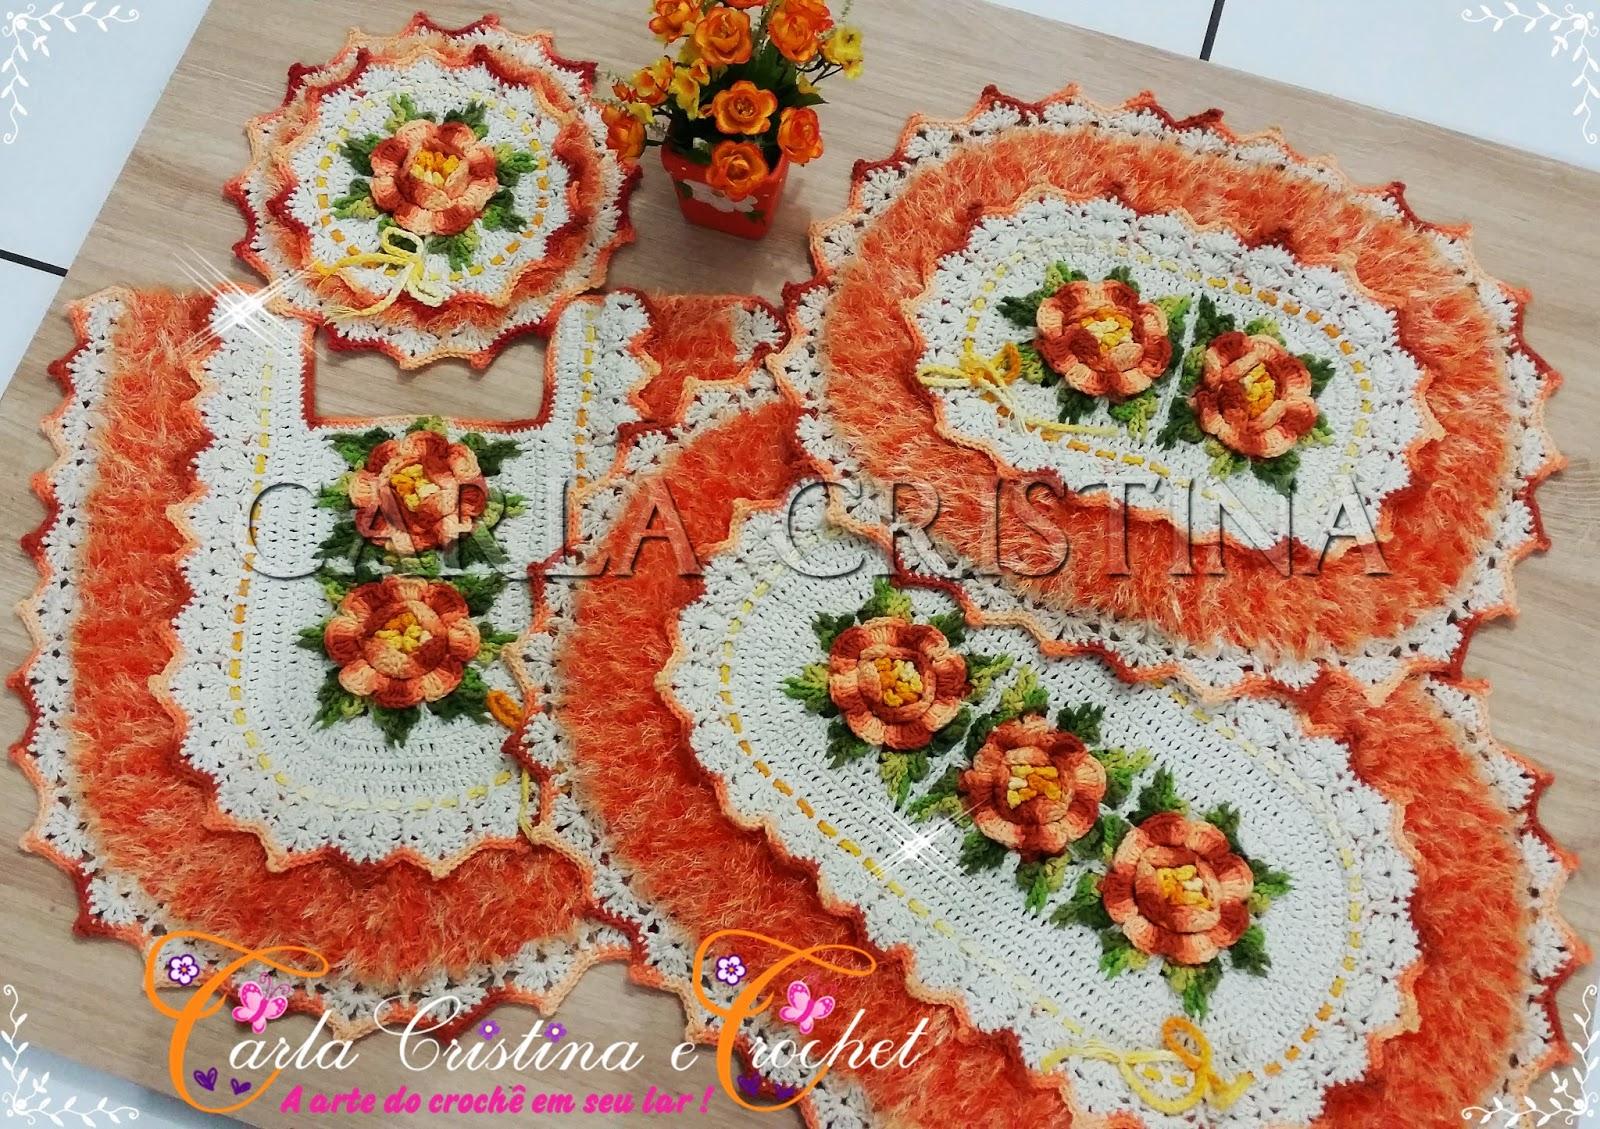 Jogo De Banheiro Primavera Laranja Passo A Passo : Carla cristina crochet